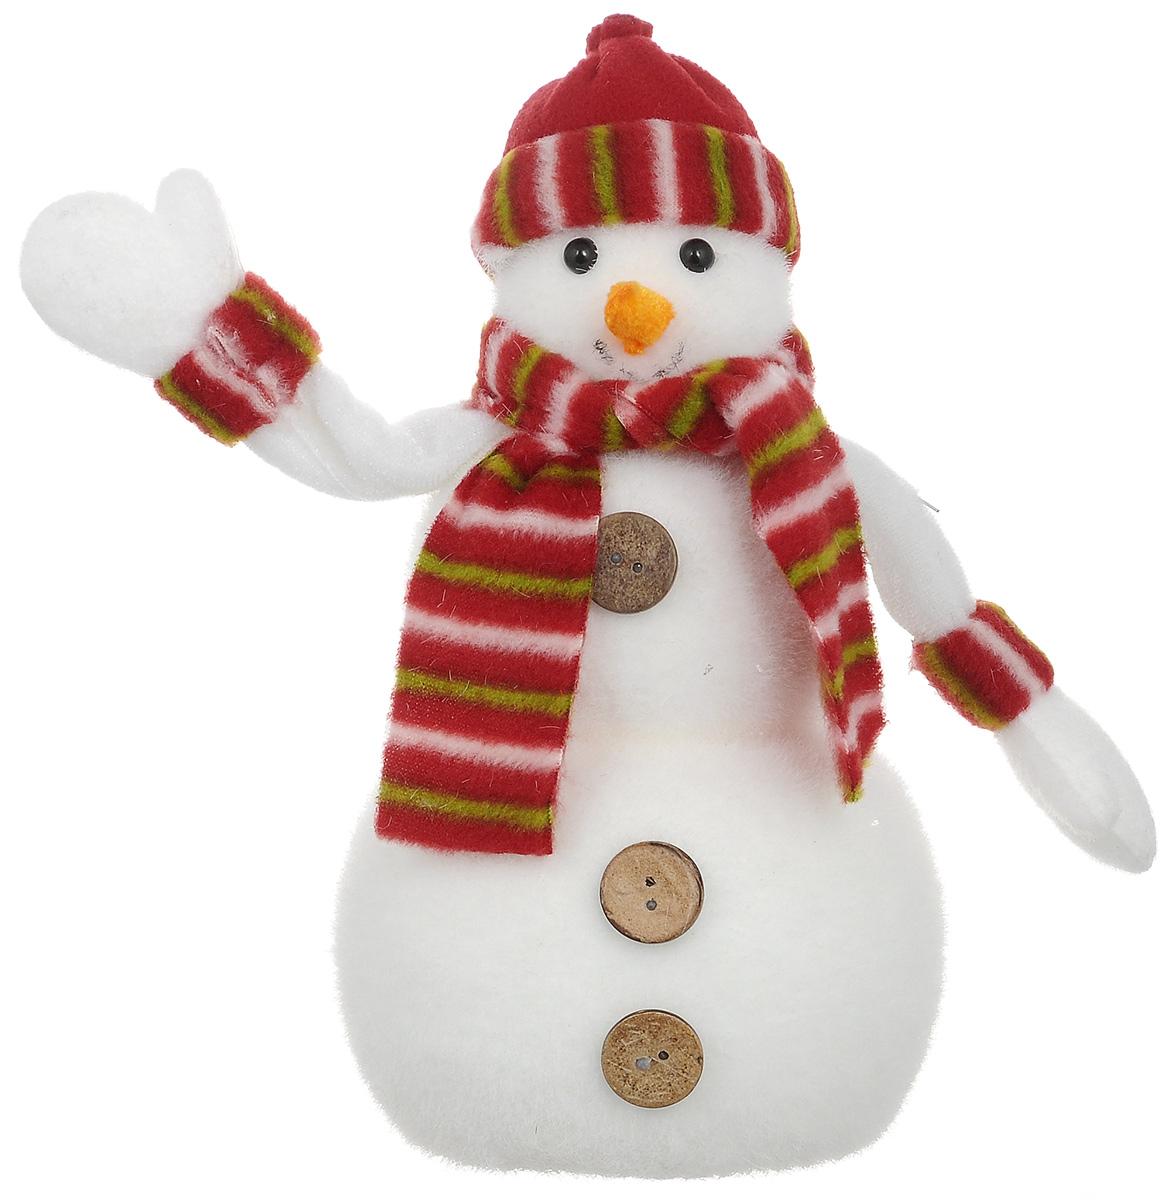 Новогодняя декоративная фигурка Снеговик в полосатом шарфике прекрасно подойдет для праздничного оформления Вашего дома. Сувенир выполнен из пенопласта и искусственного волокна в виде забавного снеговика.  Такая фигурка украсит интерьер вашего дома или офиса в преддверии Нового года. Оригинальный дизайн и красочное исполнение создадут праздничное настроение. Кроме того, это отличный вариант подарка для ваших близких и друзей.